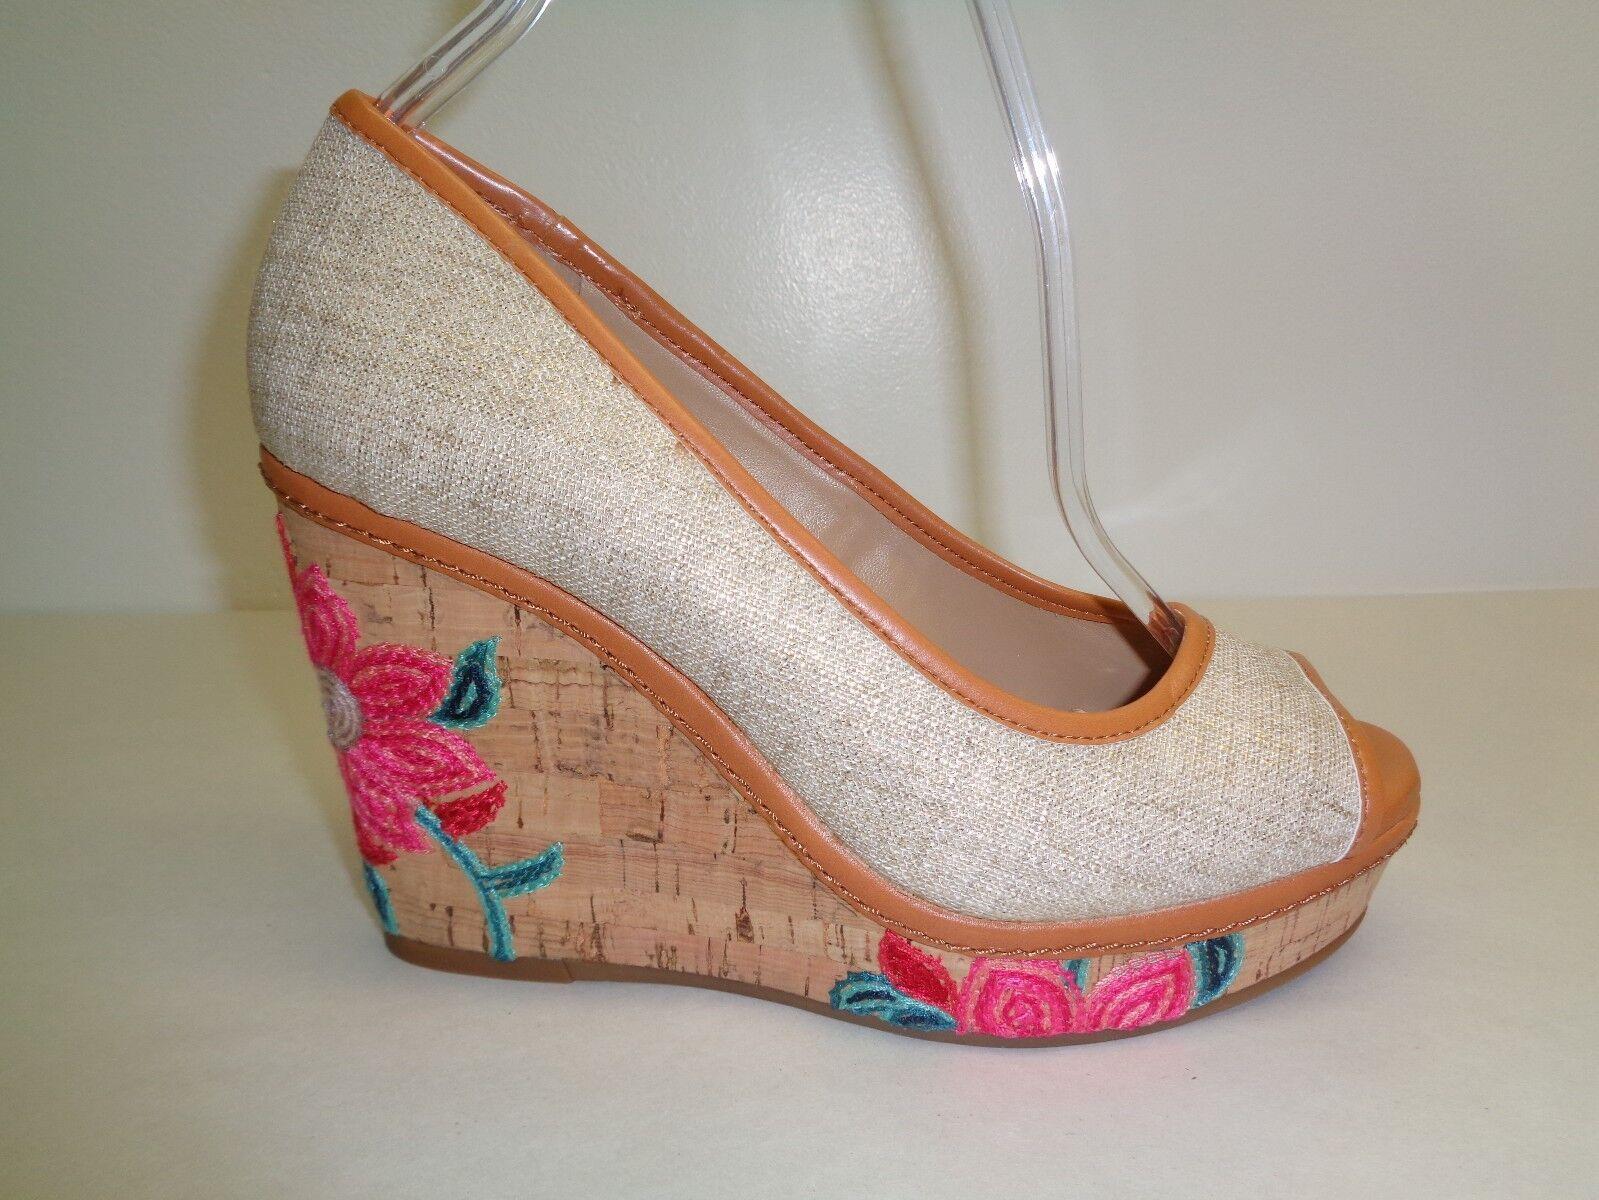 Antonio Melani Größe 10 M ALLIS Floral Braun Fabric Wedge Heels NEU Damenschuhe Schuhes